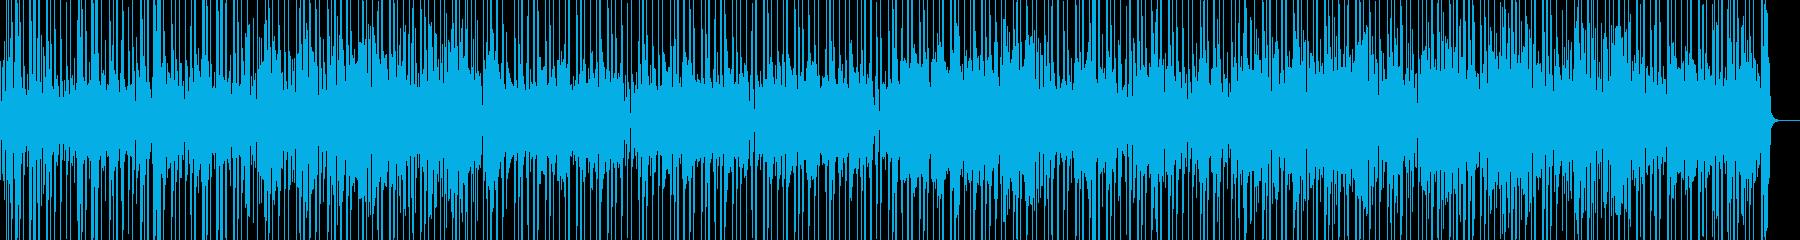 アダルトでパワフルさのあるポップの再生済みの波形